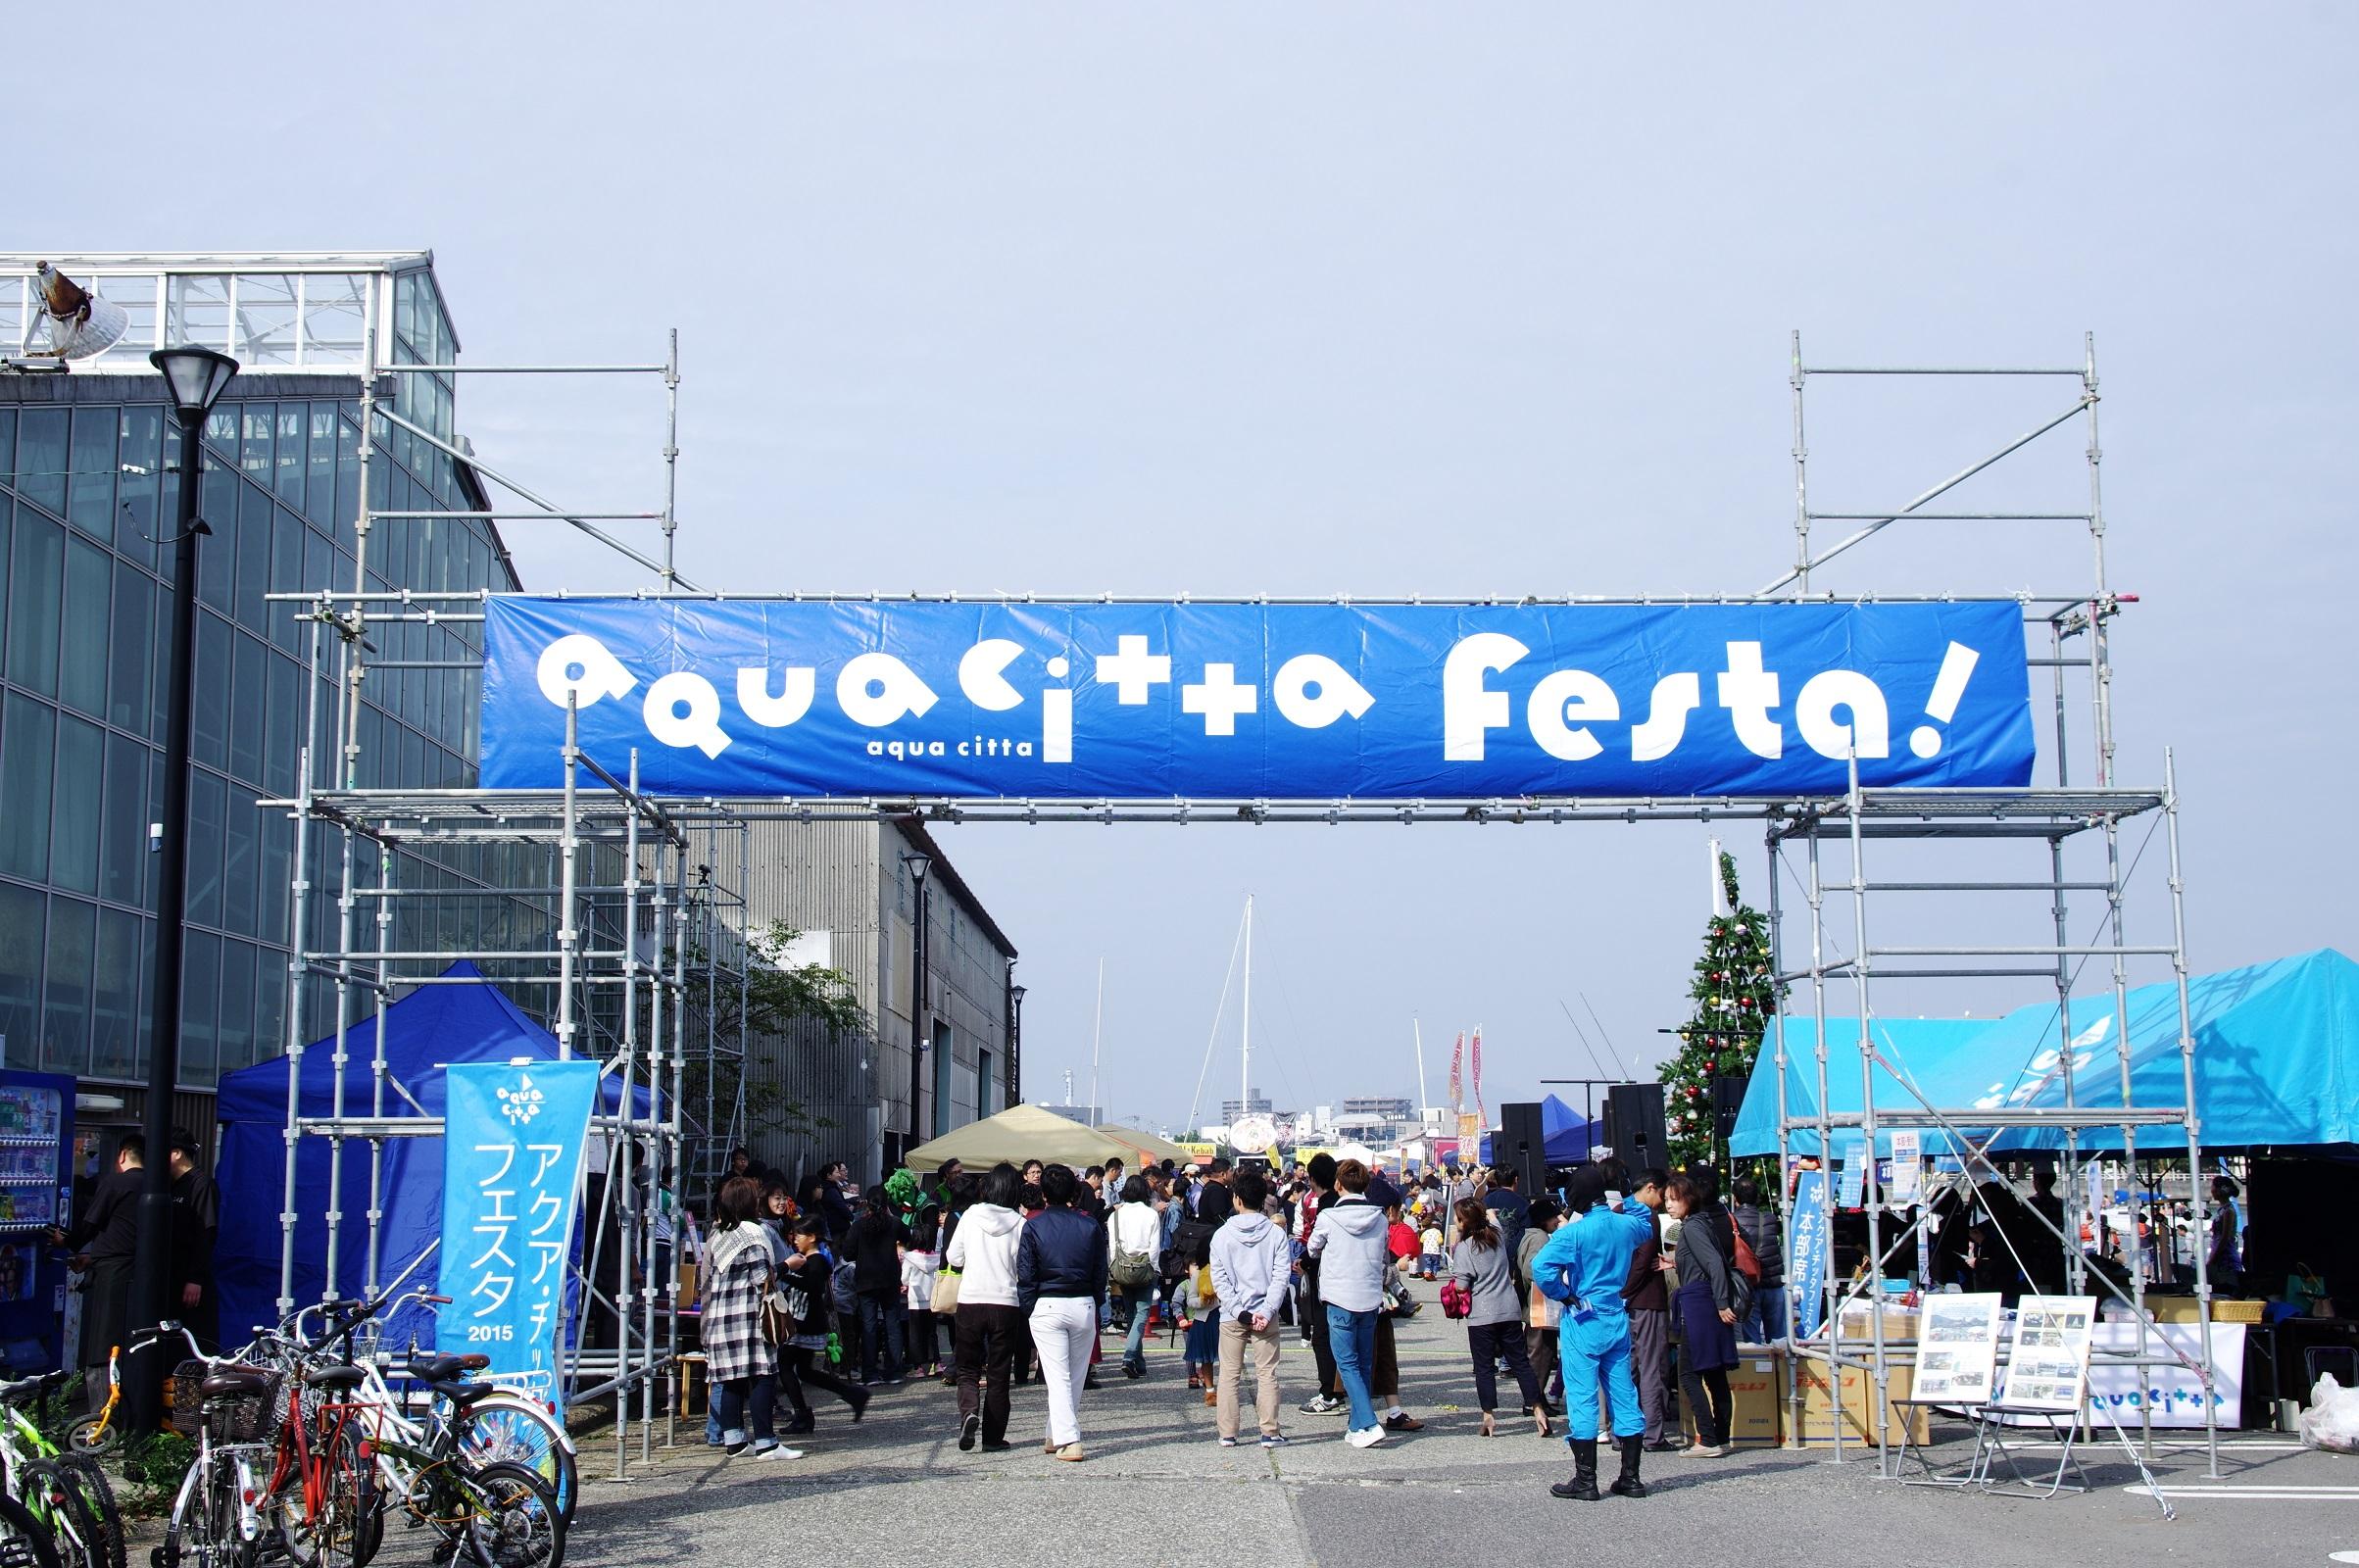 水都・徳島を彩るツリーも登場!アクア・チッタフェスタ2015に行ってきました